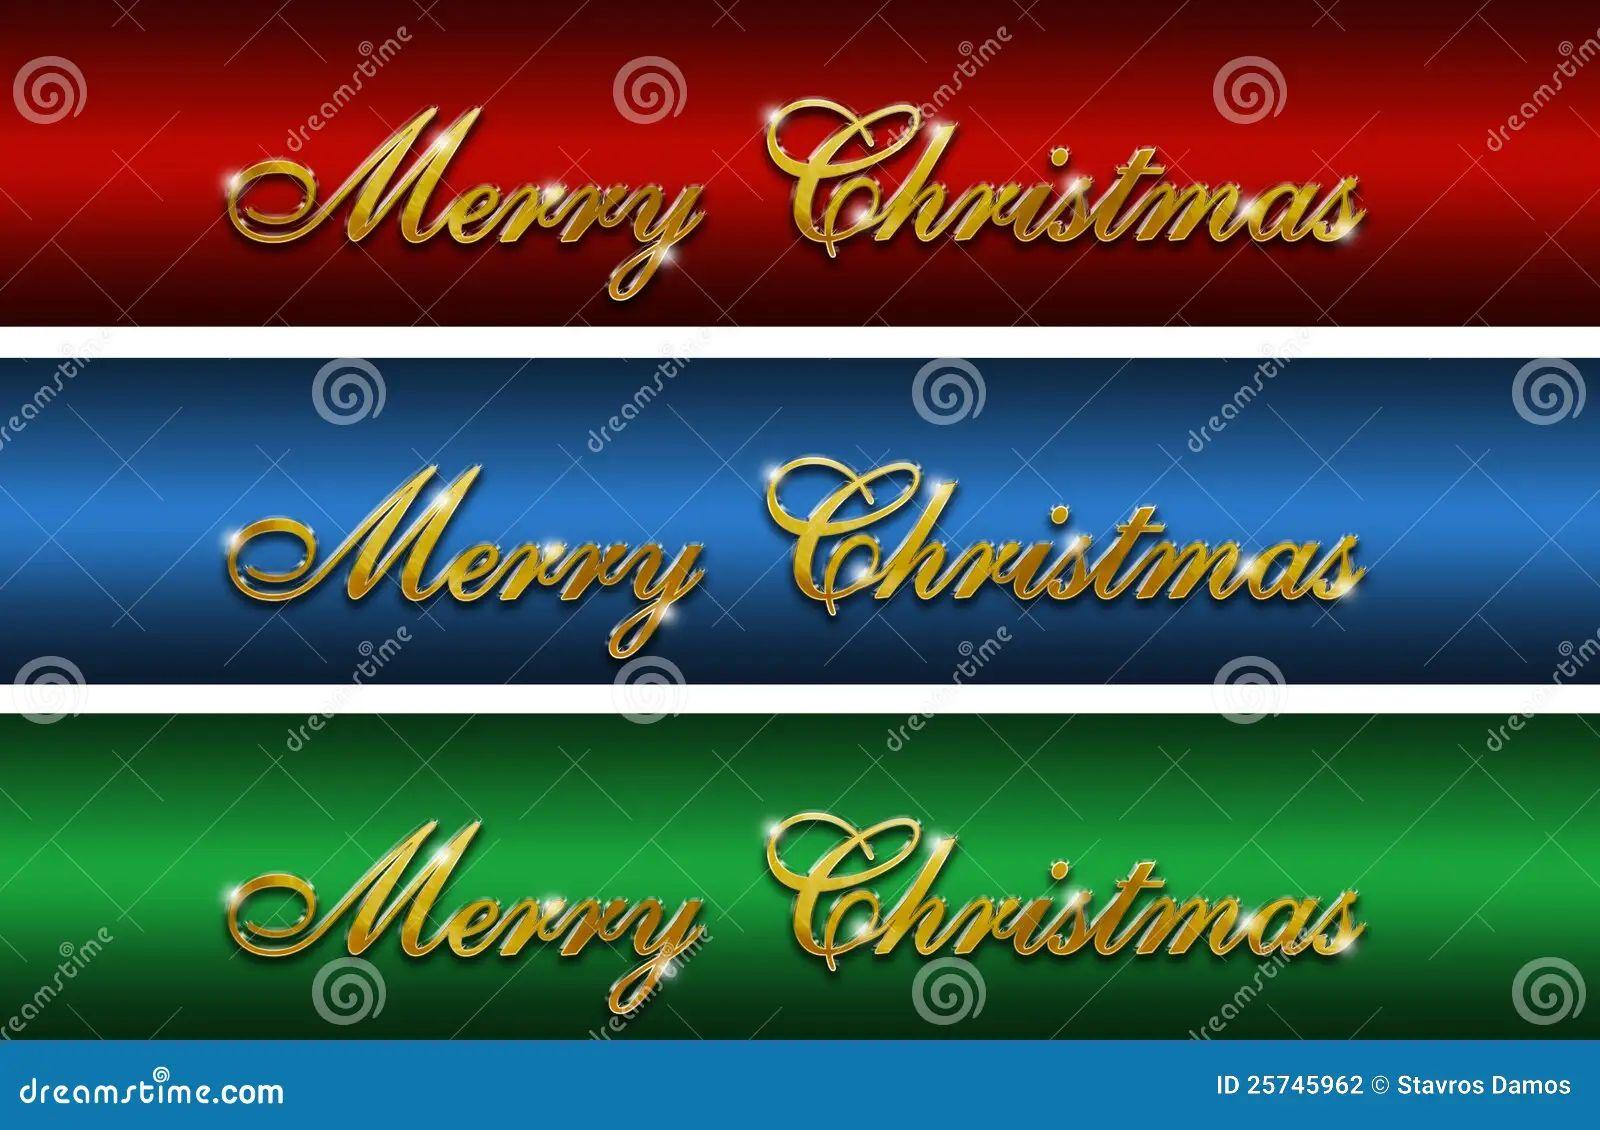 christmas logos free download